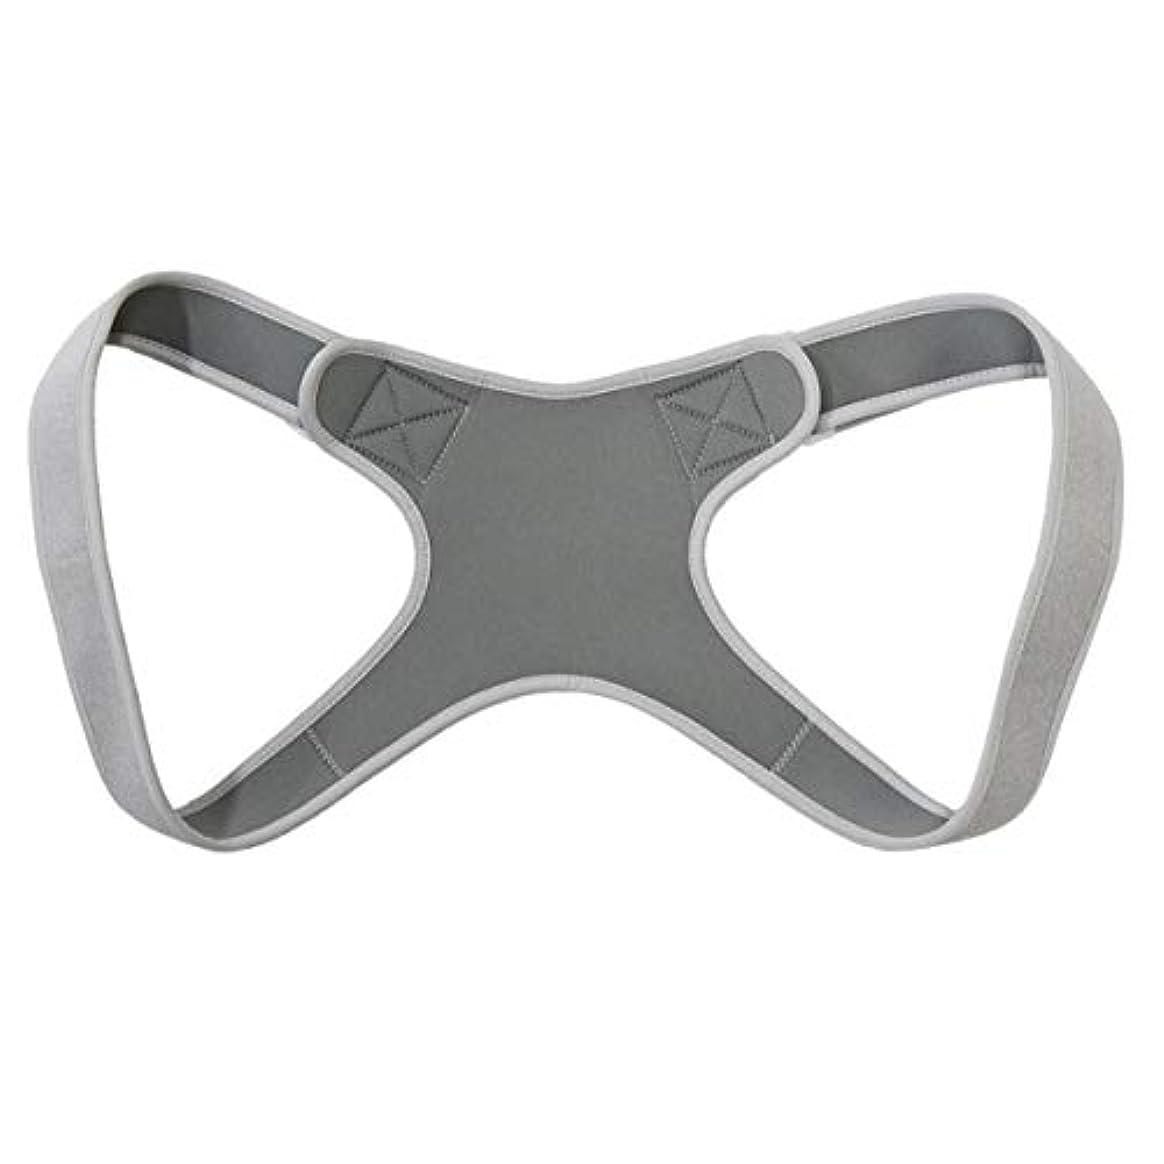 新しいアッパーバックポスチャーコレクター姿勢鎖骨サポートコレクターバックストレートショルダーブレースストラップコレクター - グレー